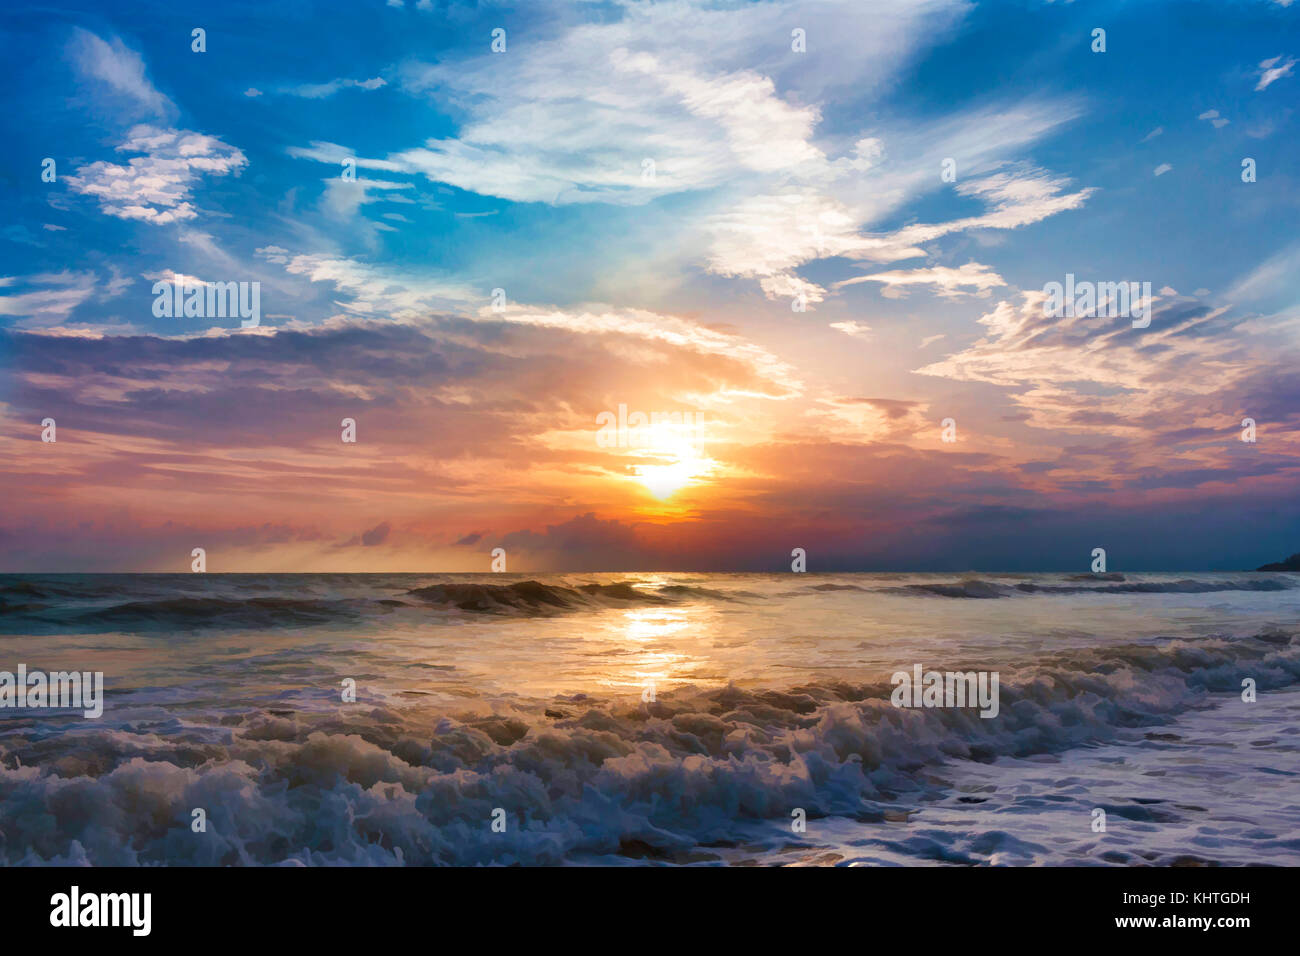 Nature peinture, les vagues de la mer et la belle nature Photo Stock